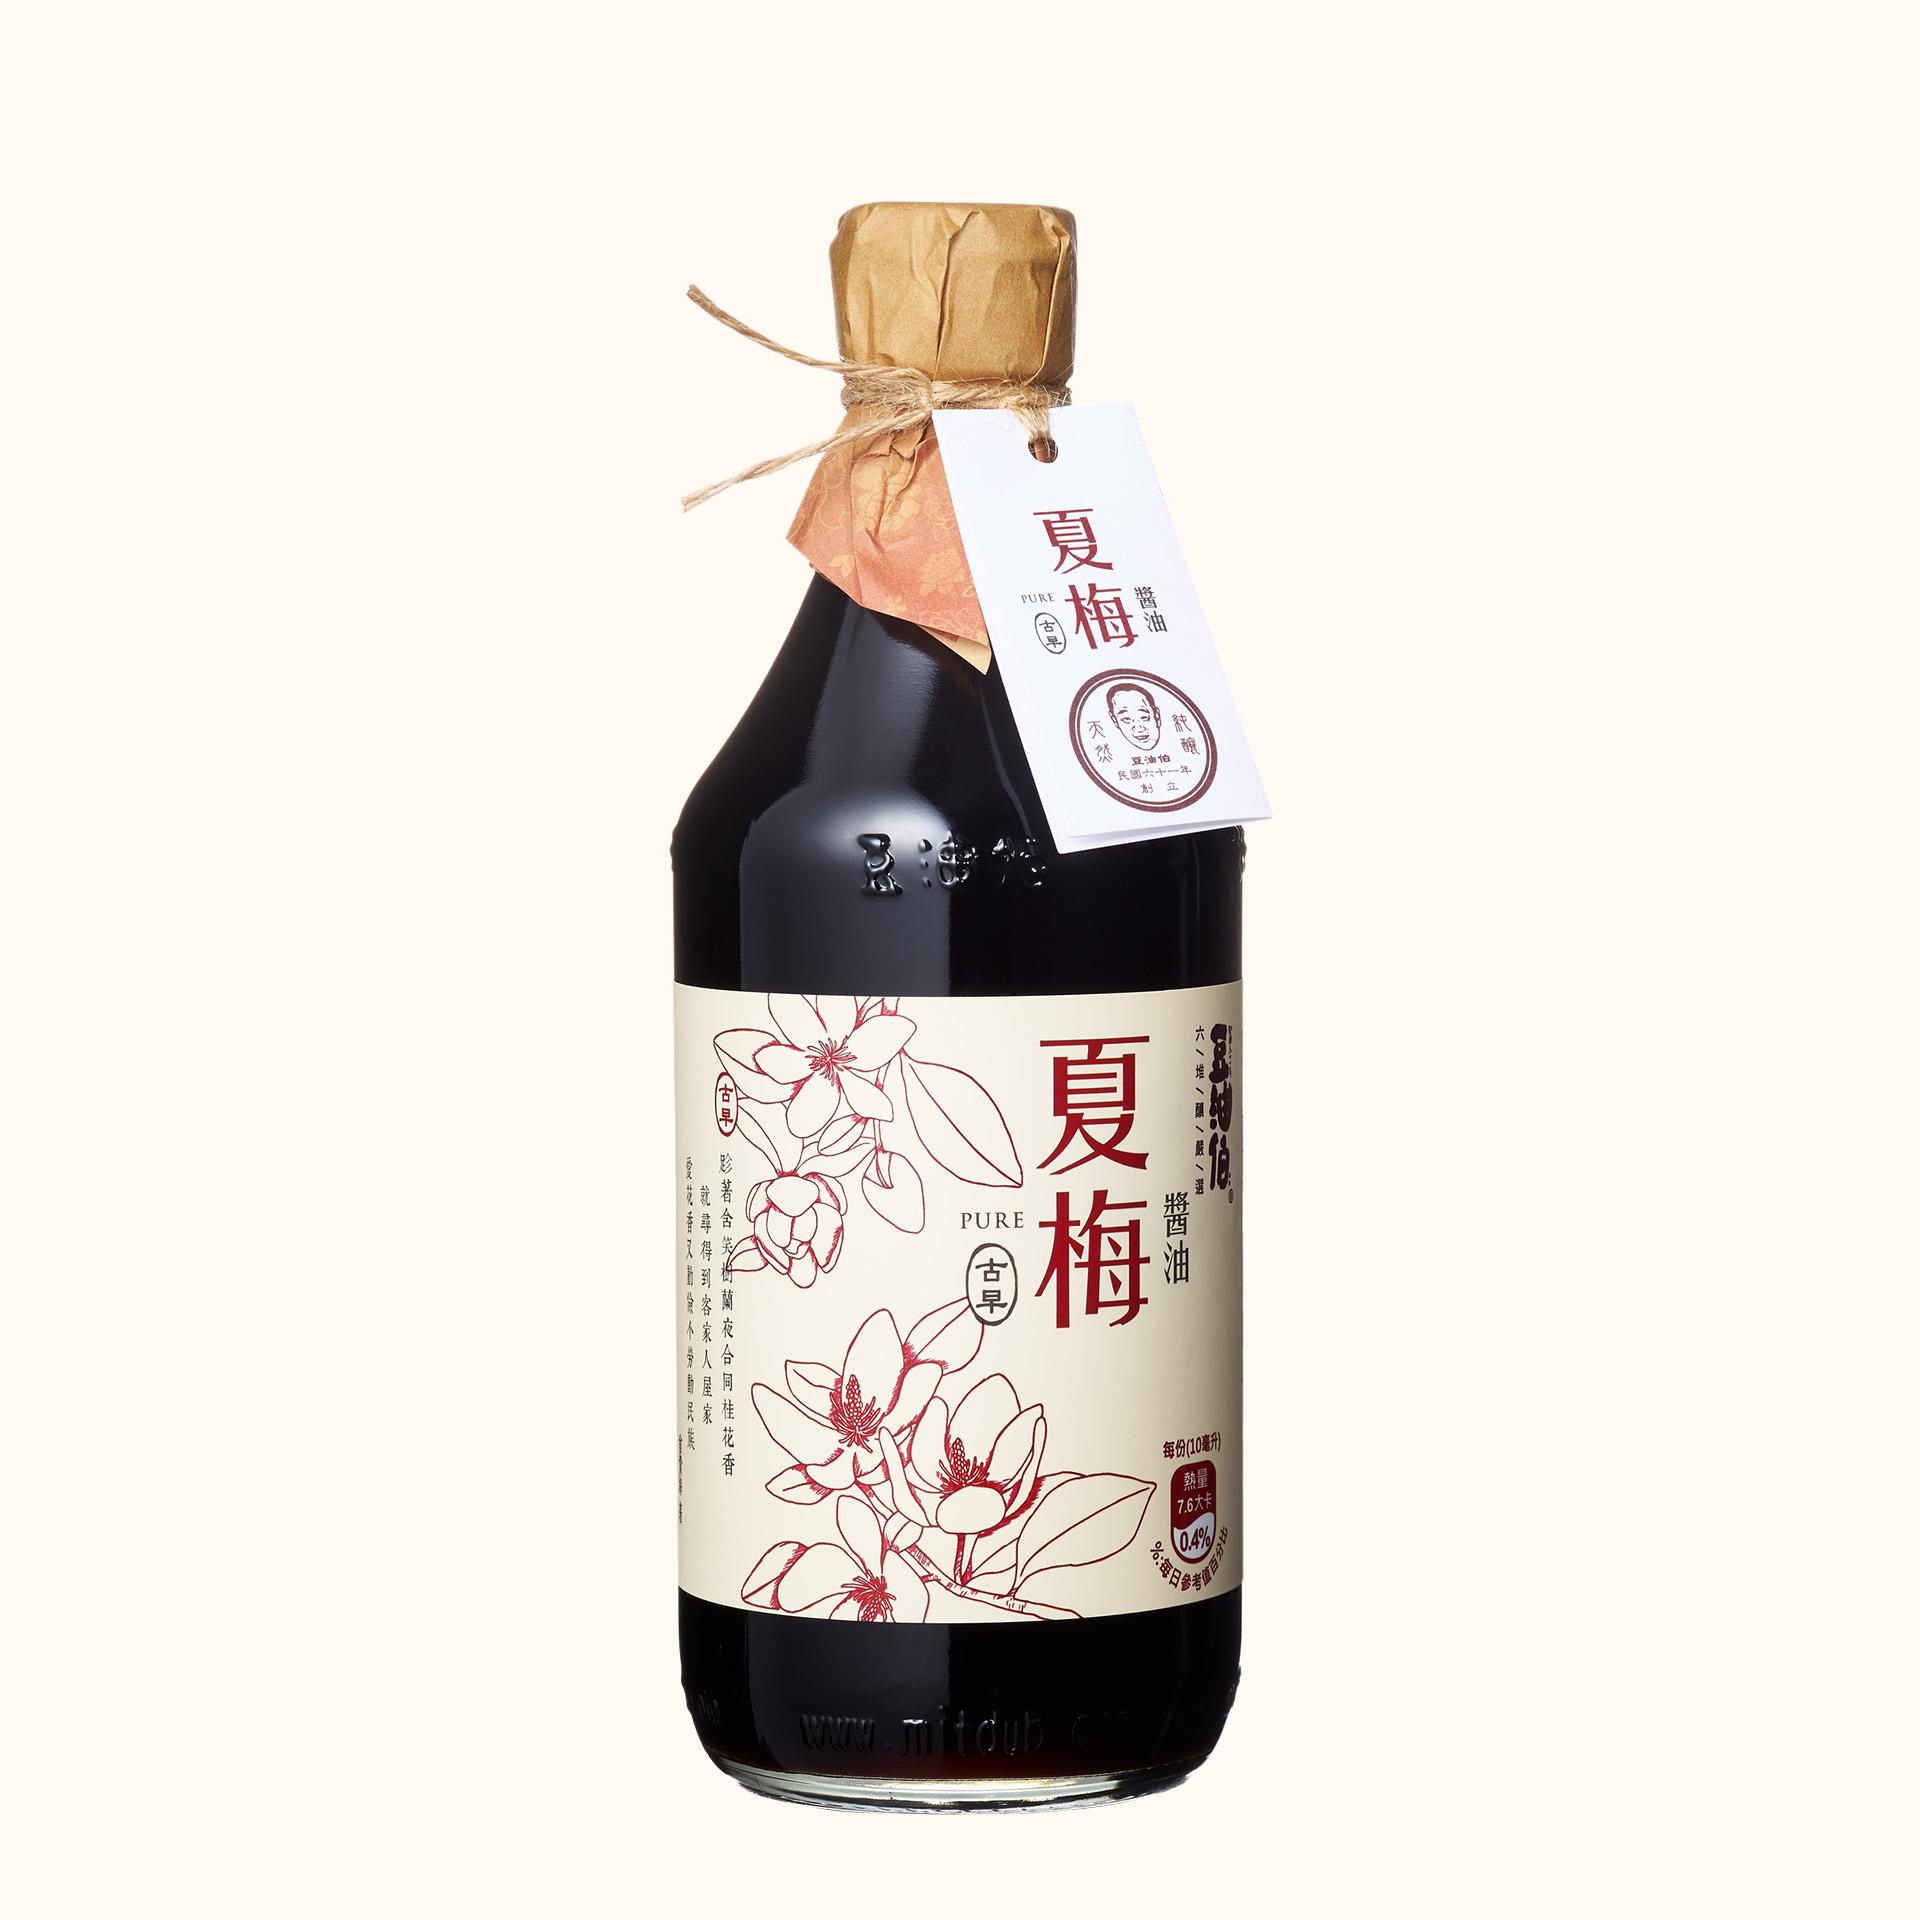 【東森獨家】竹田設計版-夏梅無添加糖釀造醬油500ml(有效:20221026)